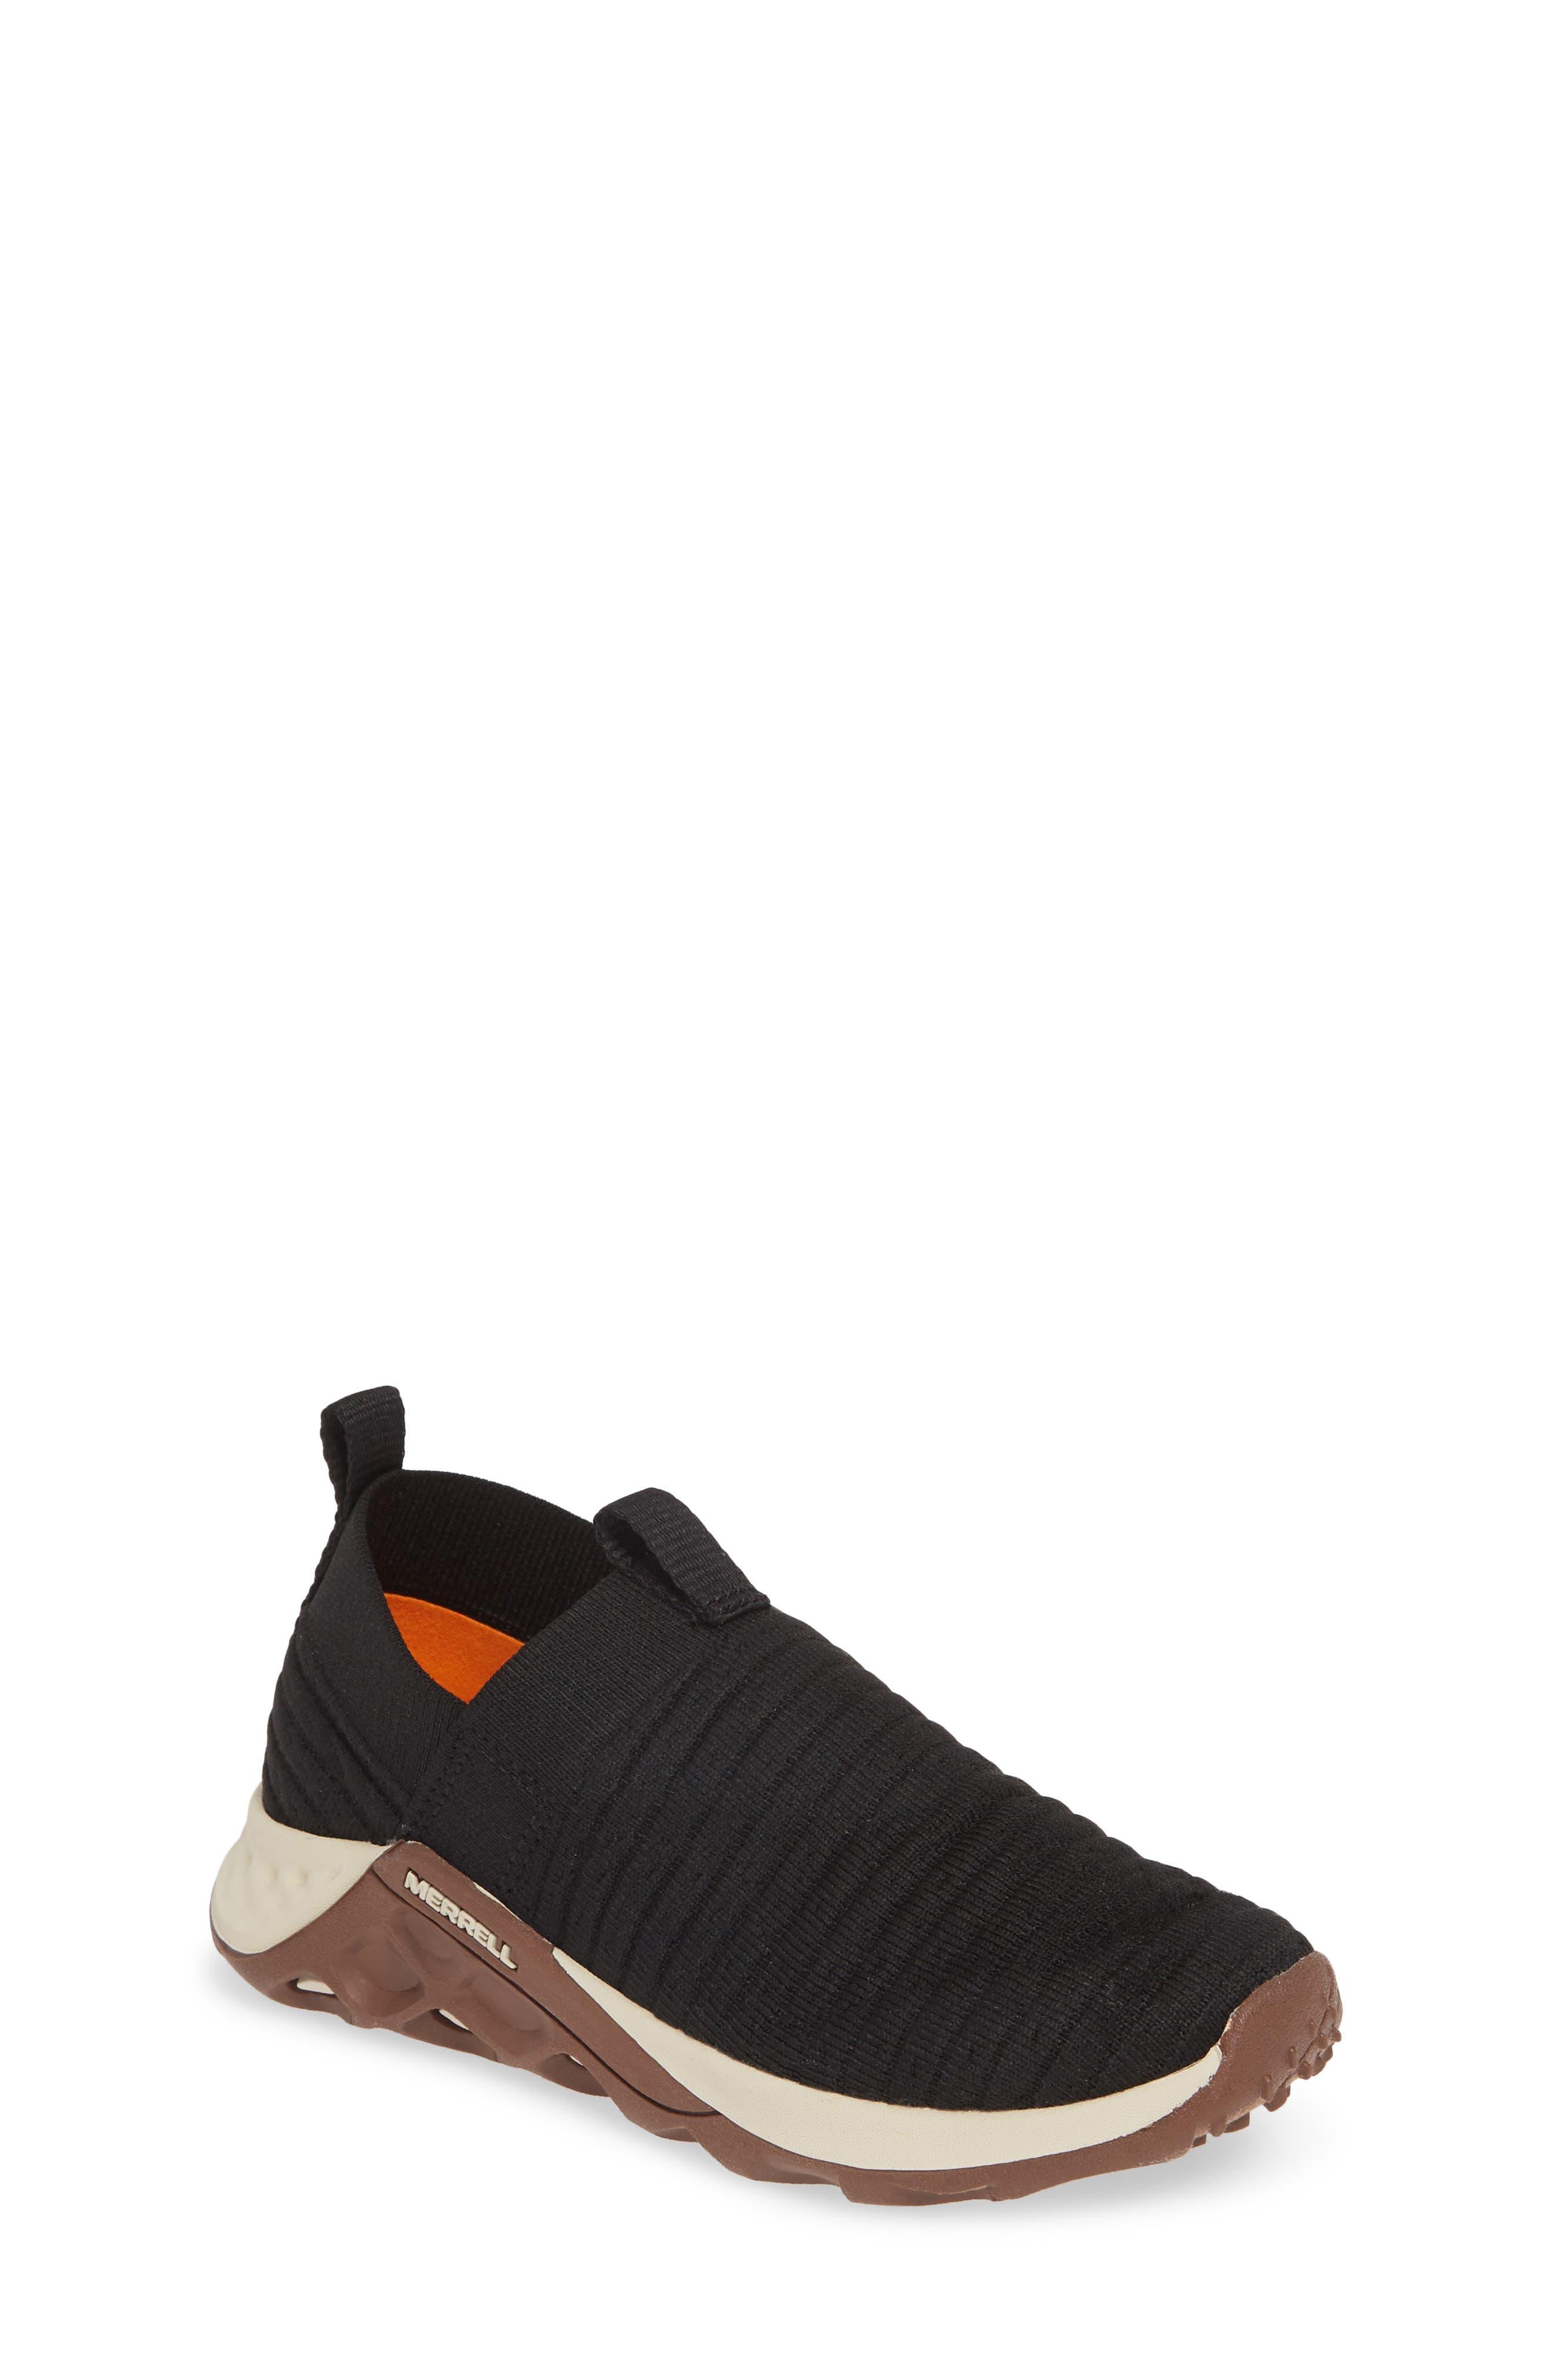 Boys Merrell Range Knit SlipOn Sneaker Size 65 M  Black